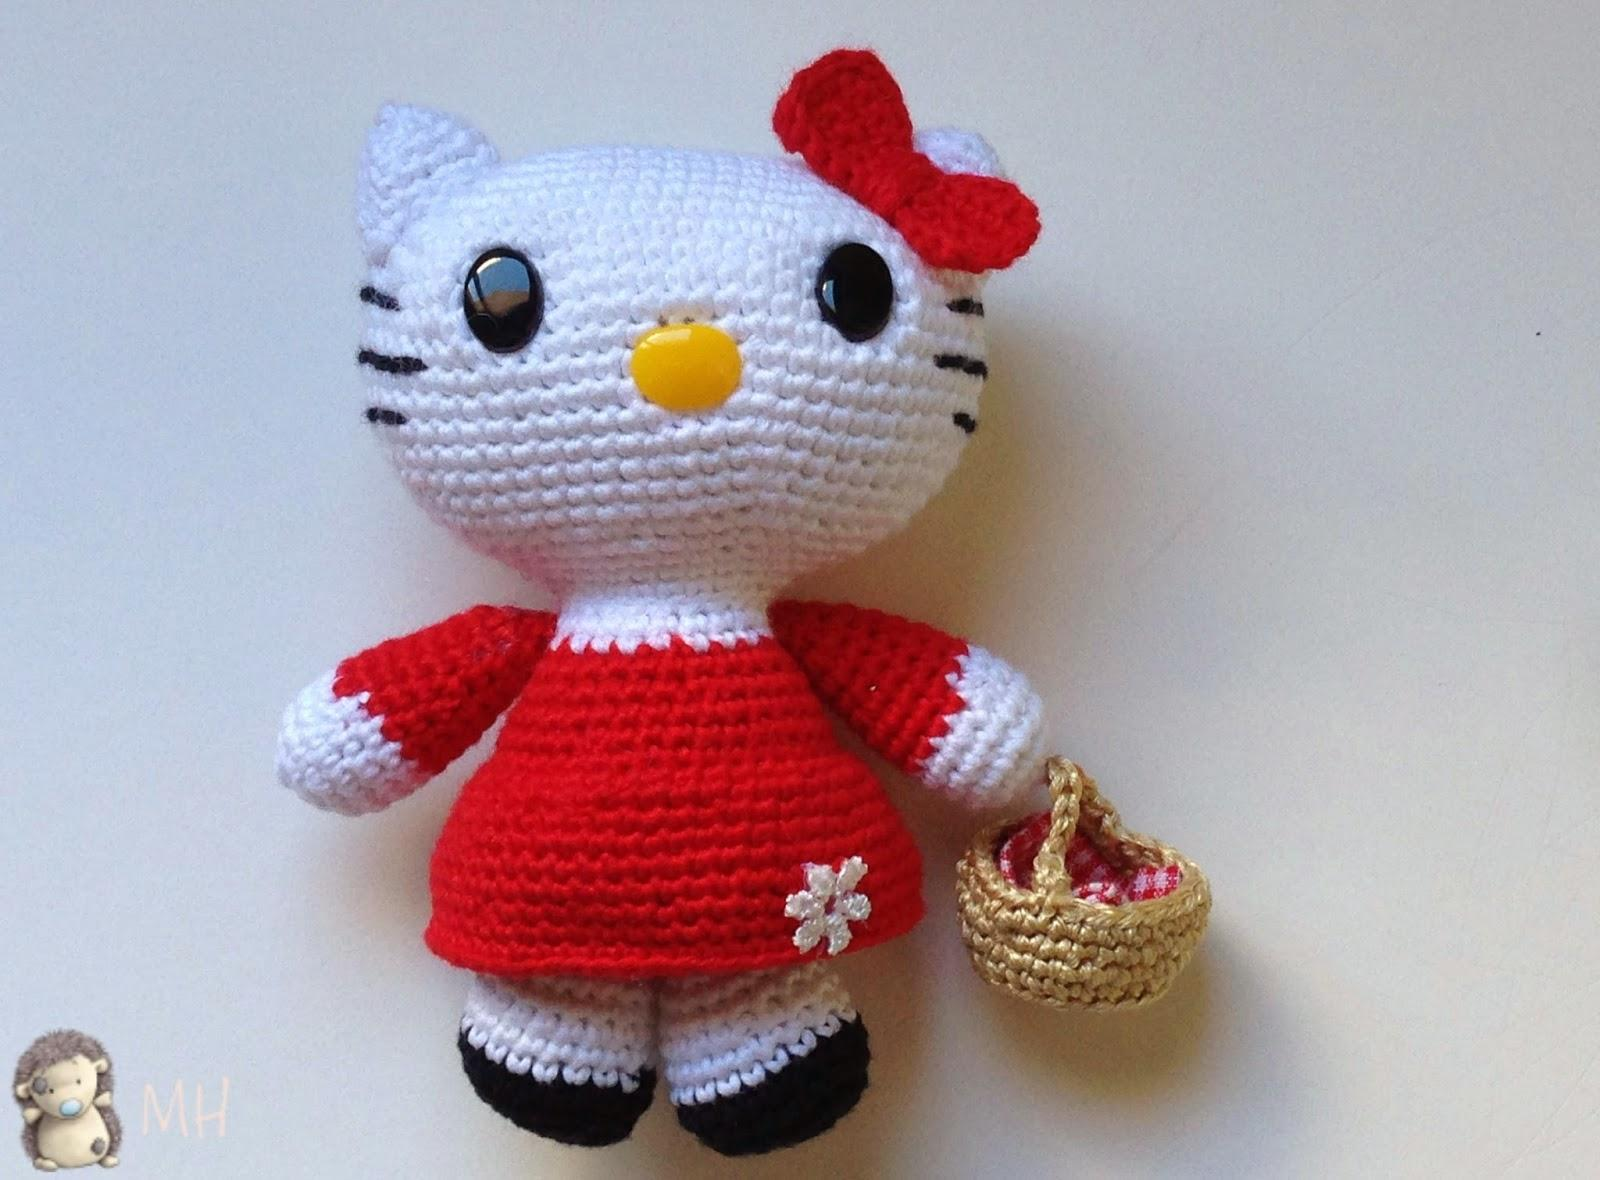 Amigurumi Schemi Hello Kitty Gratis : Butterfly Creaciones: Ello gatito Caperucita Roja ...